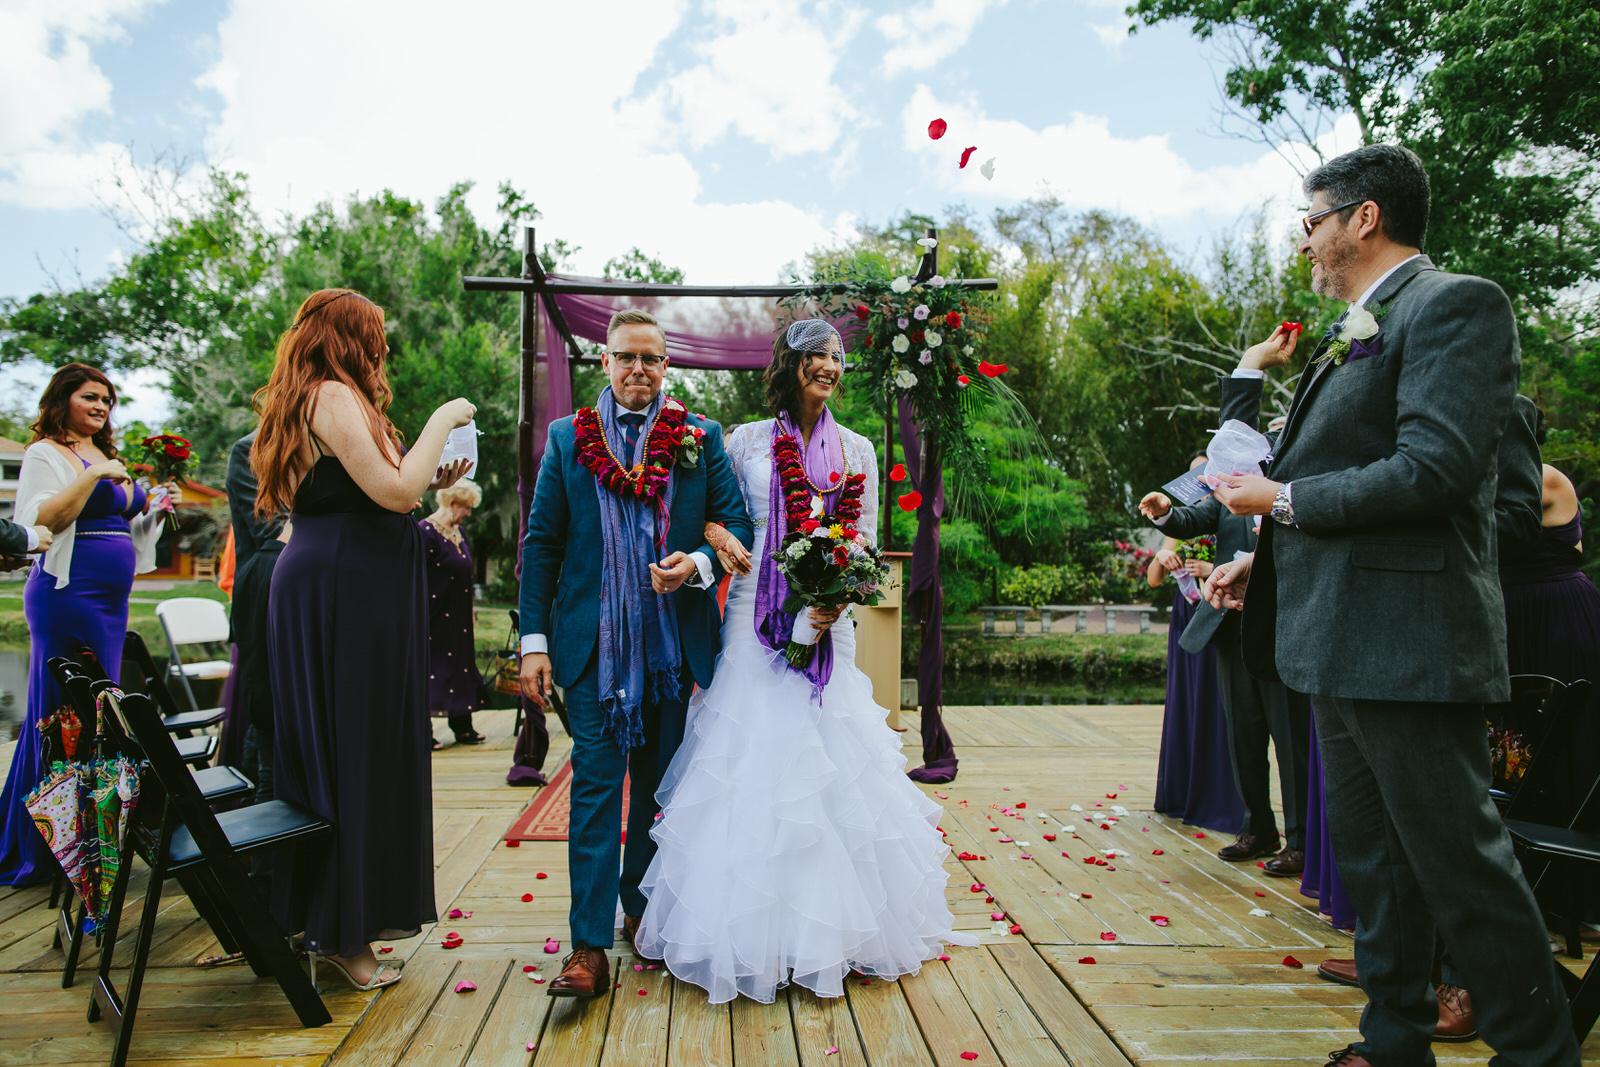 kashi-ashram-wedding-ceremony.jpg